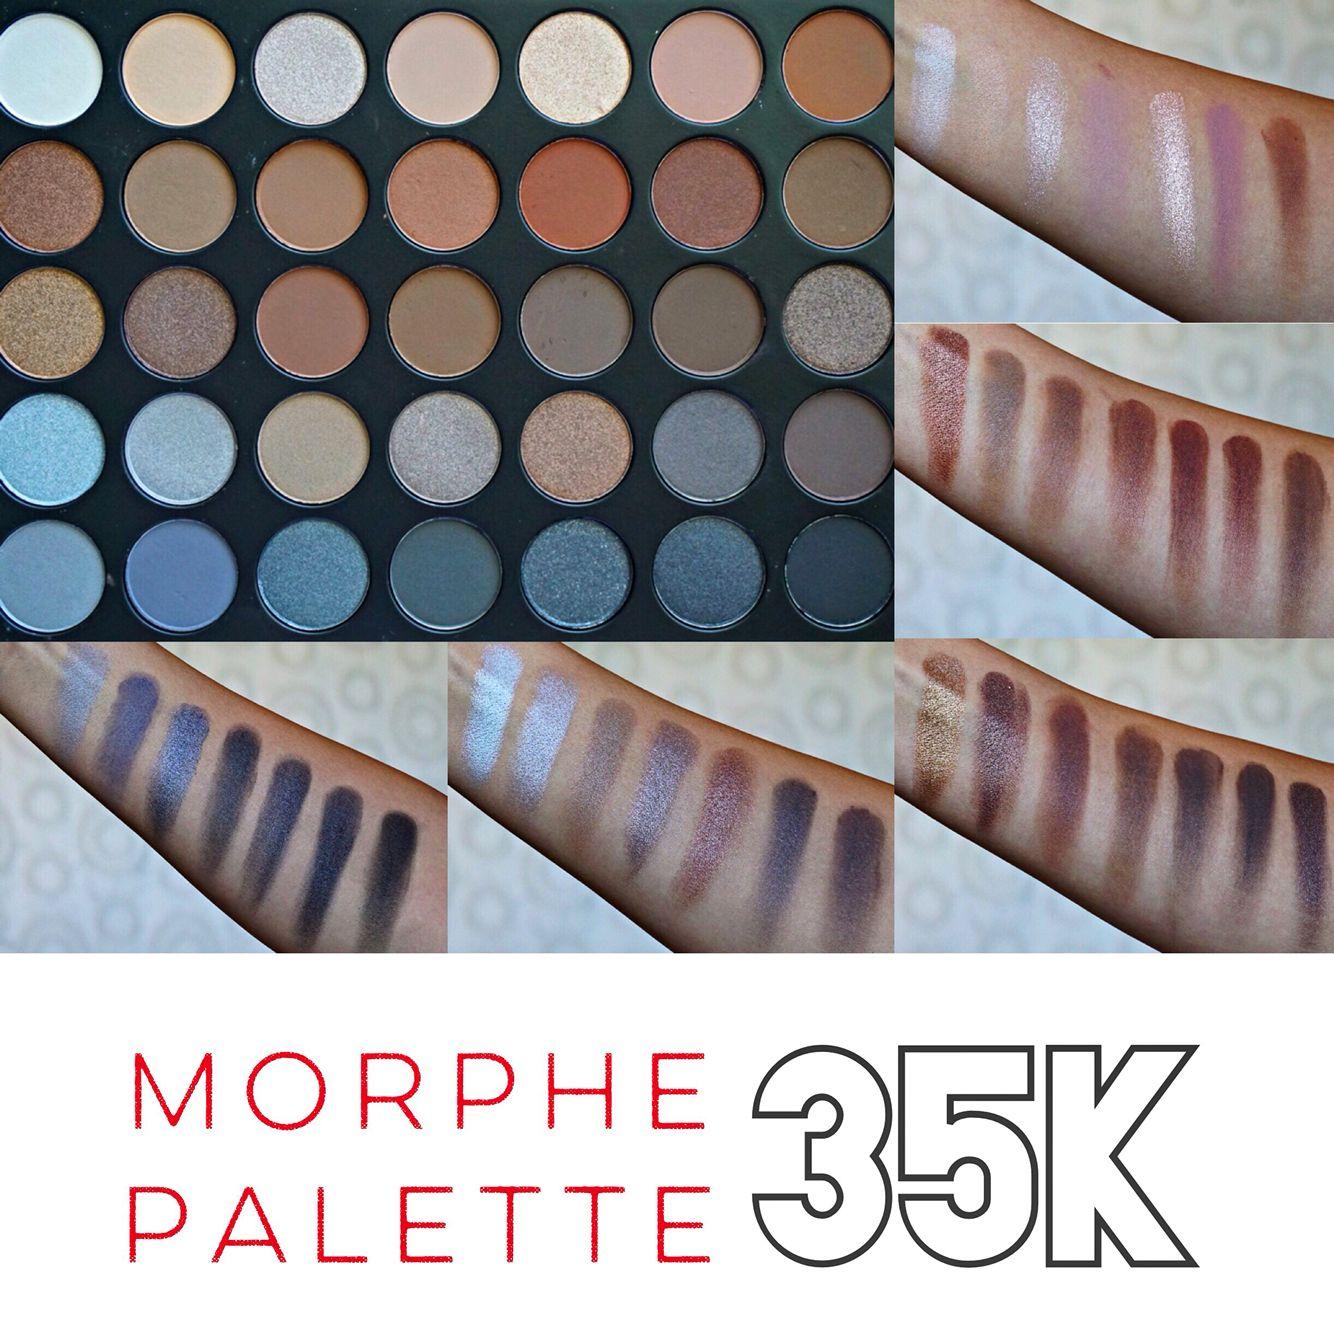 Morphe 35k eyeshadow palette review beauty in bold - Morphe 35k Koffee Eyeshadow Palette